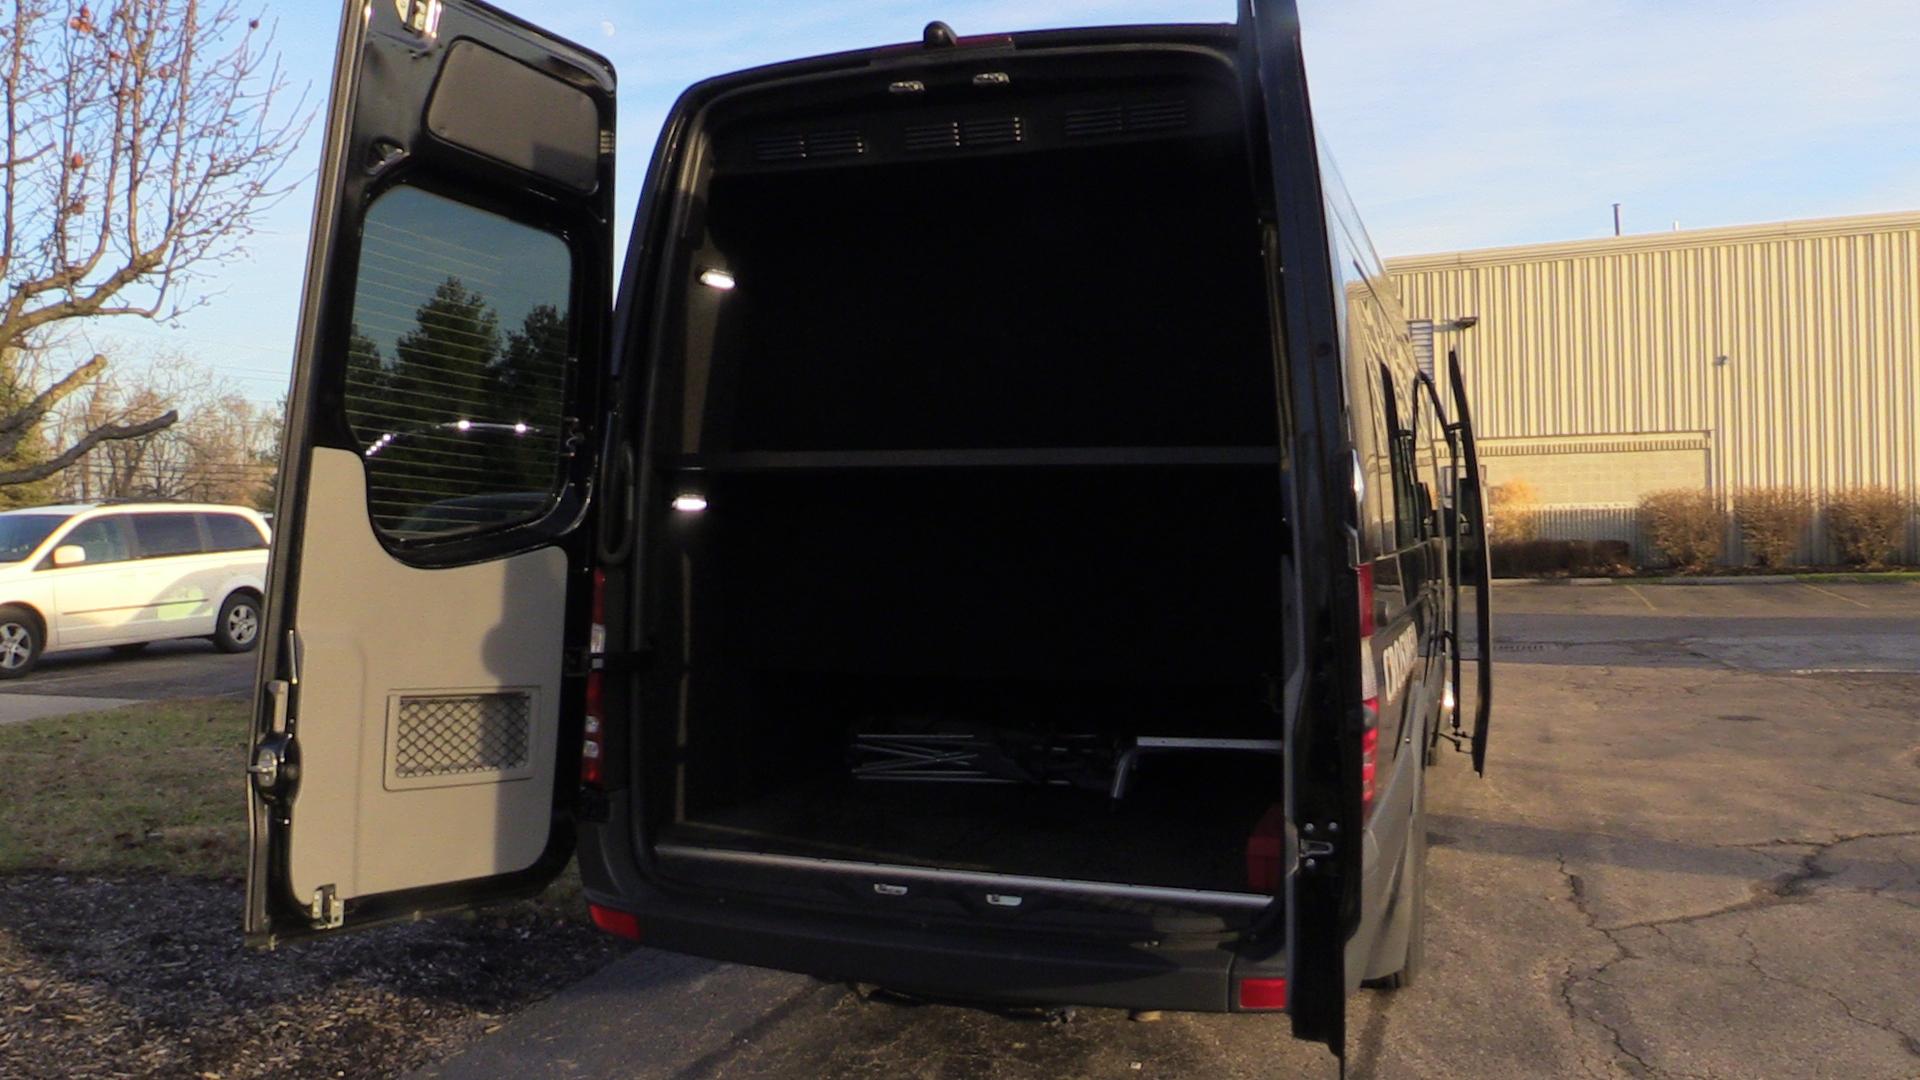 Black Shuttle Rear Luggage Storage.JPG